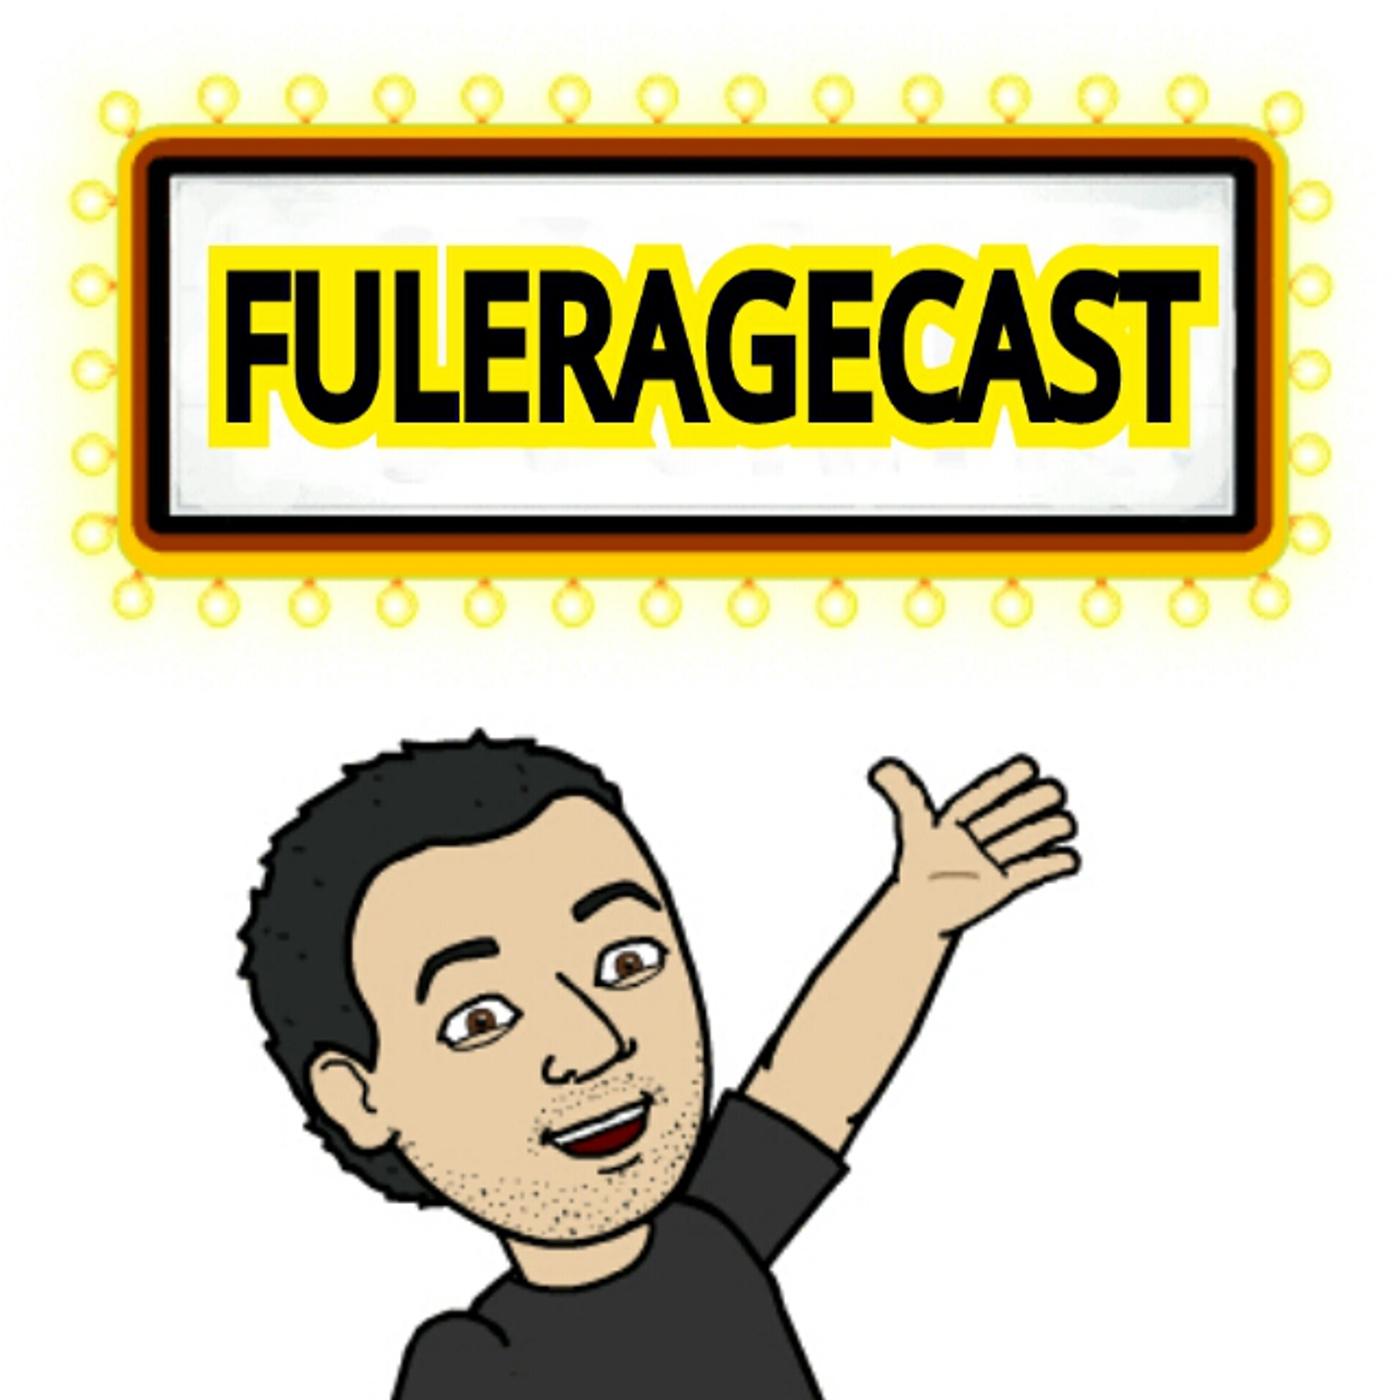 fuleragecast